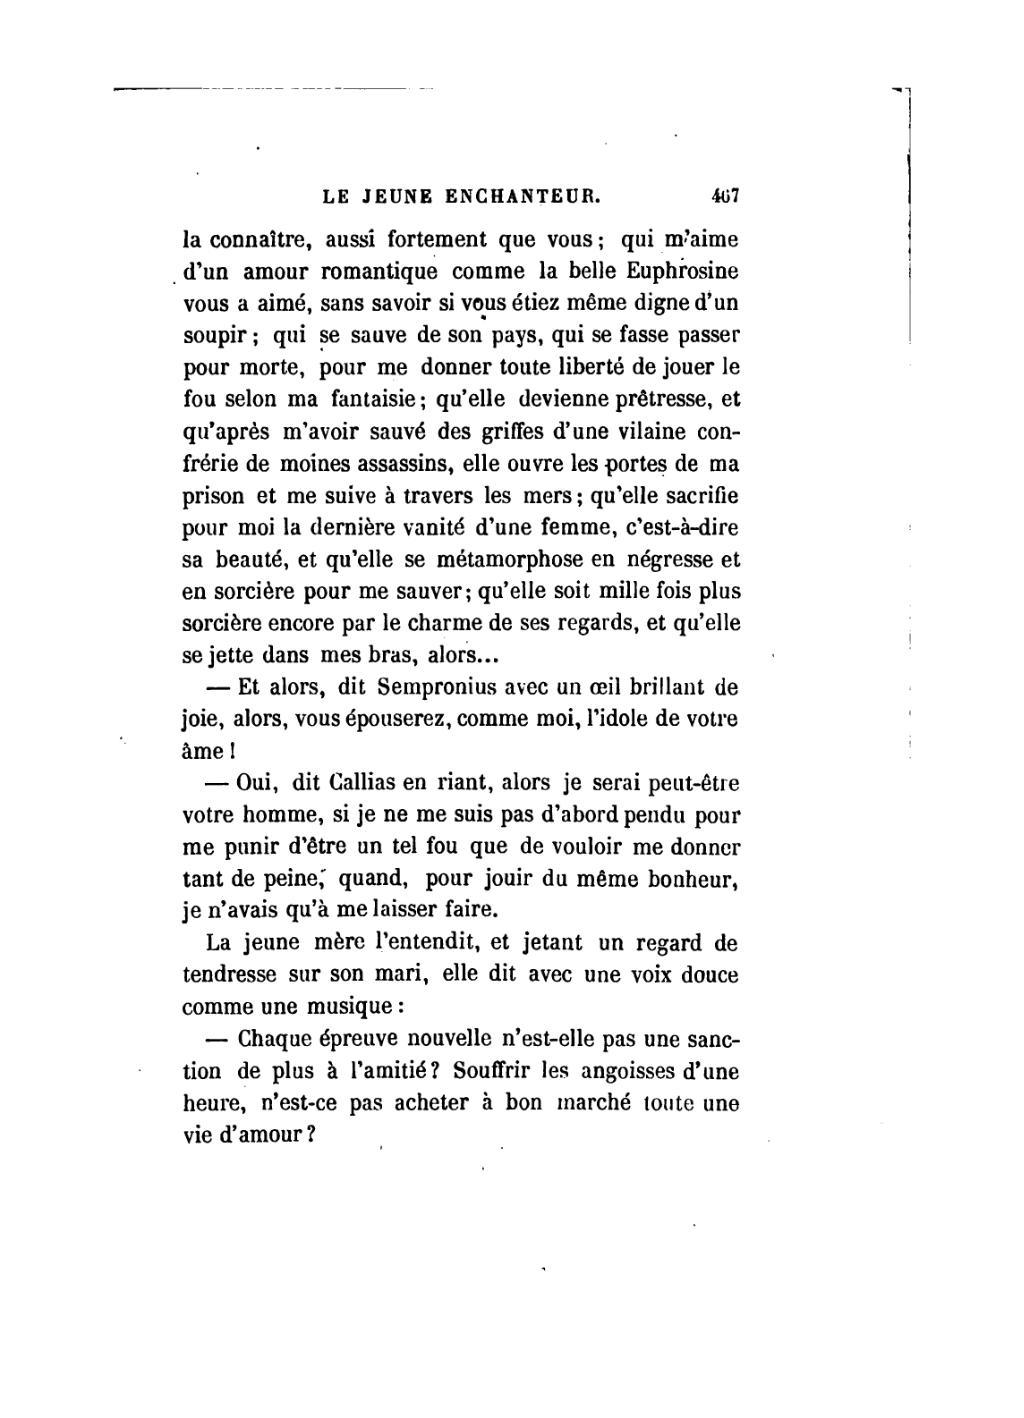 Poésie Au Marché Des Sorcières : poésie, marché, sorcières, Page:Baudelaire, Petits, Poèmes, Prose, 1868.djvu/475, Wikisource